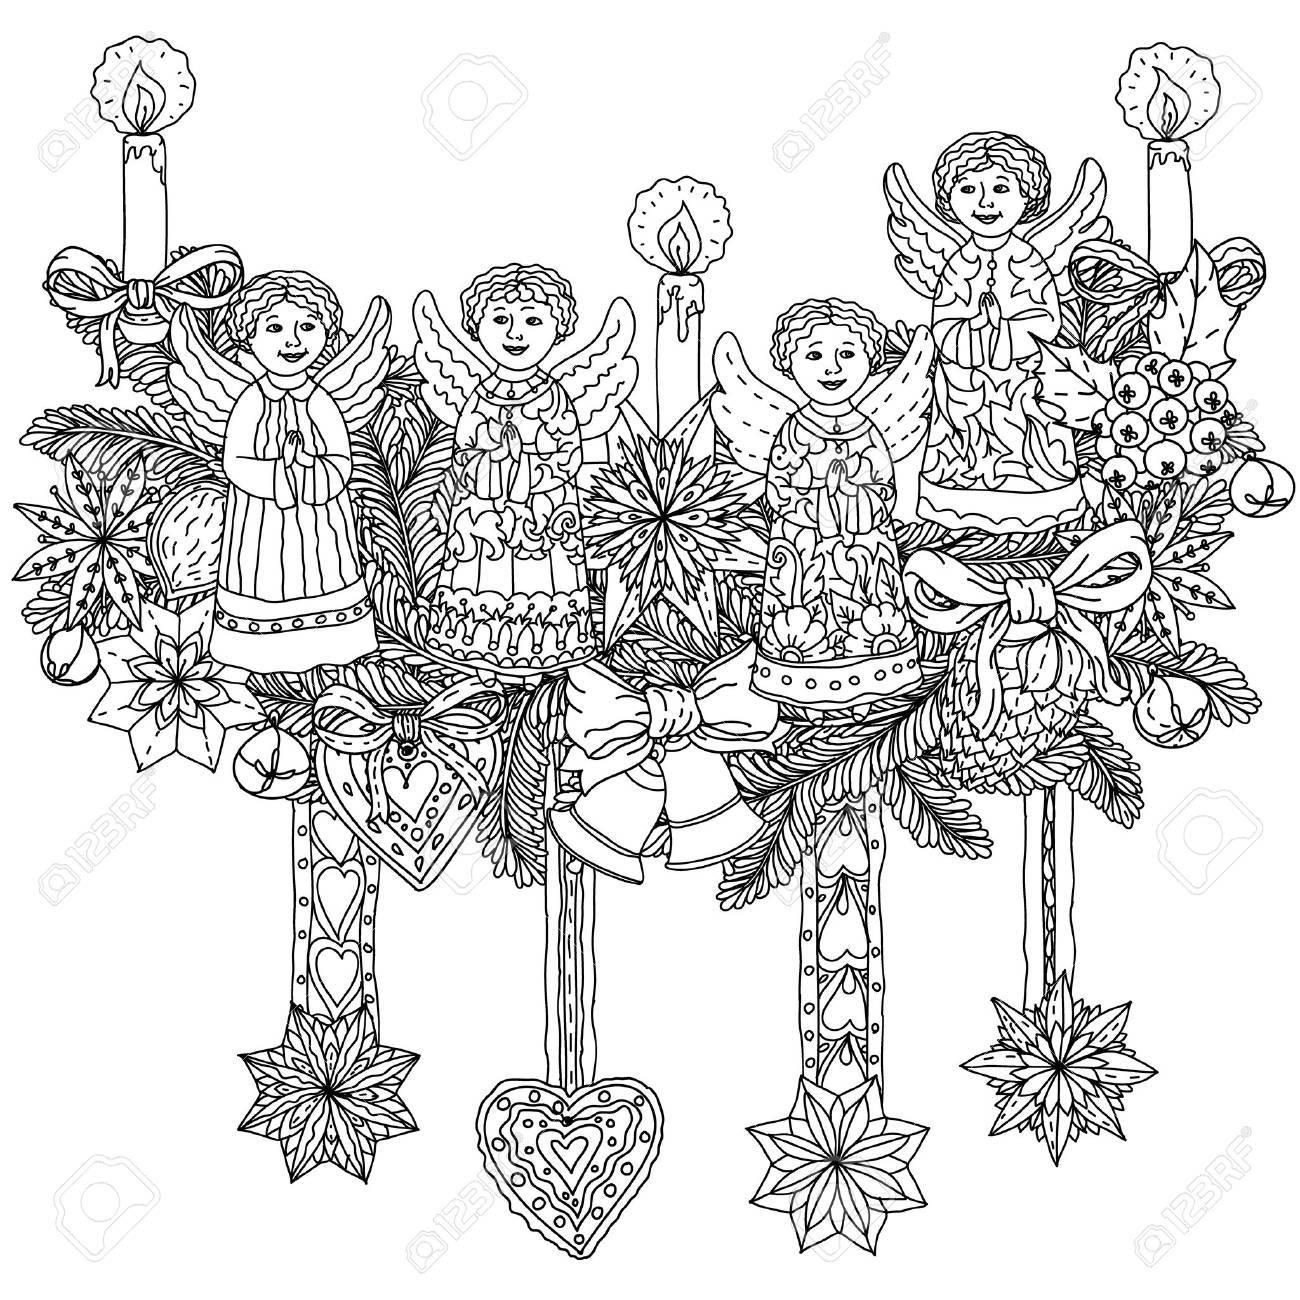 Navidad, Objetos De Decoración Y Negro Blanco. El Mejor Para Su ...